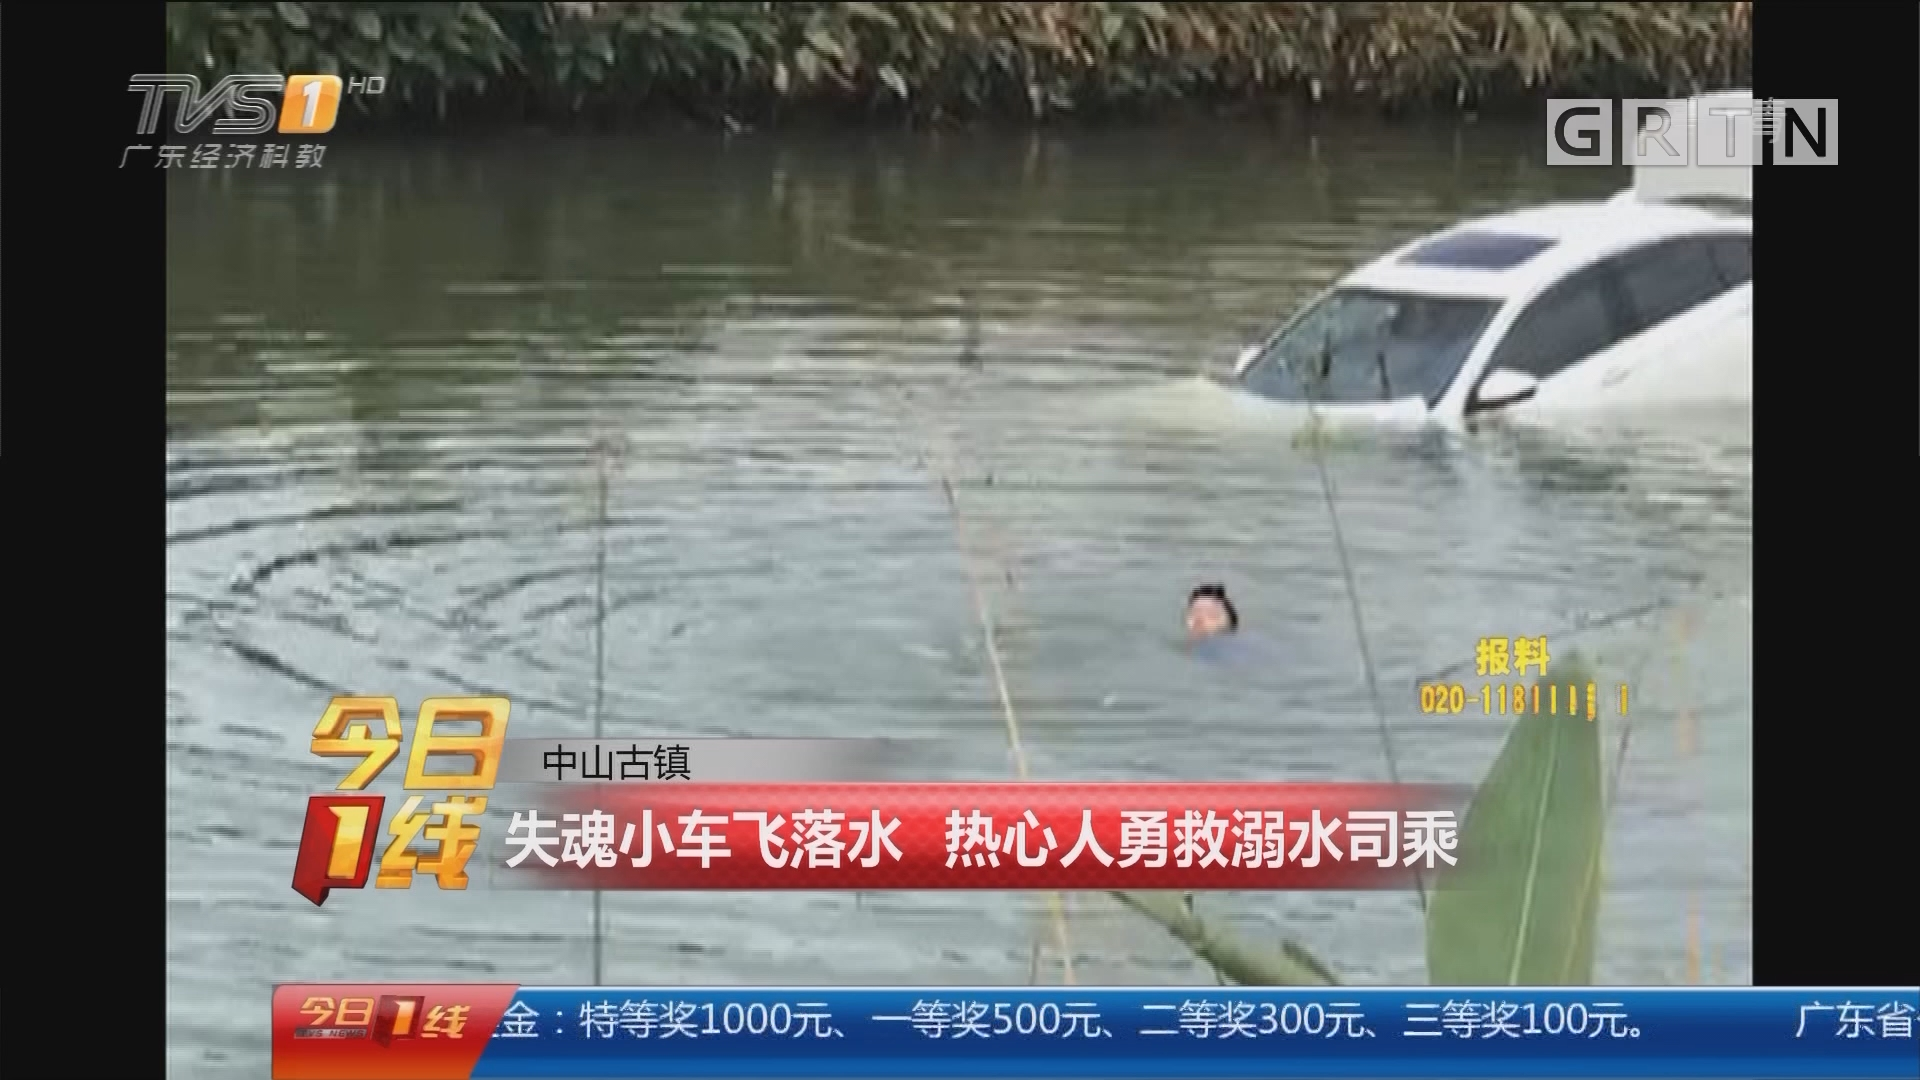 中山古镇:失魂小车飞落水 热心人勇救溺水司乘